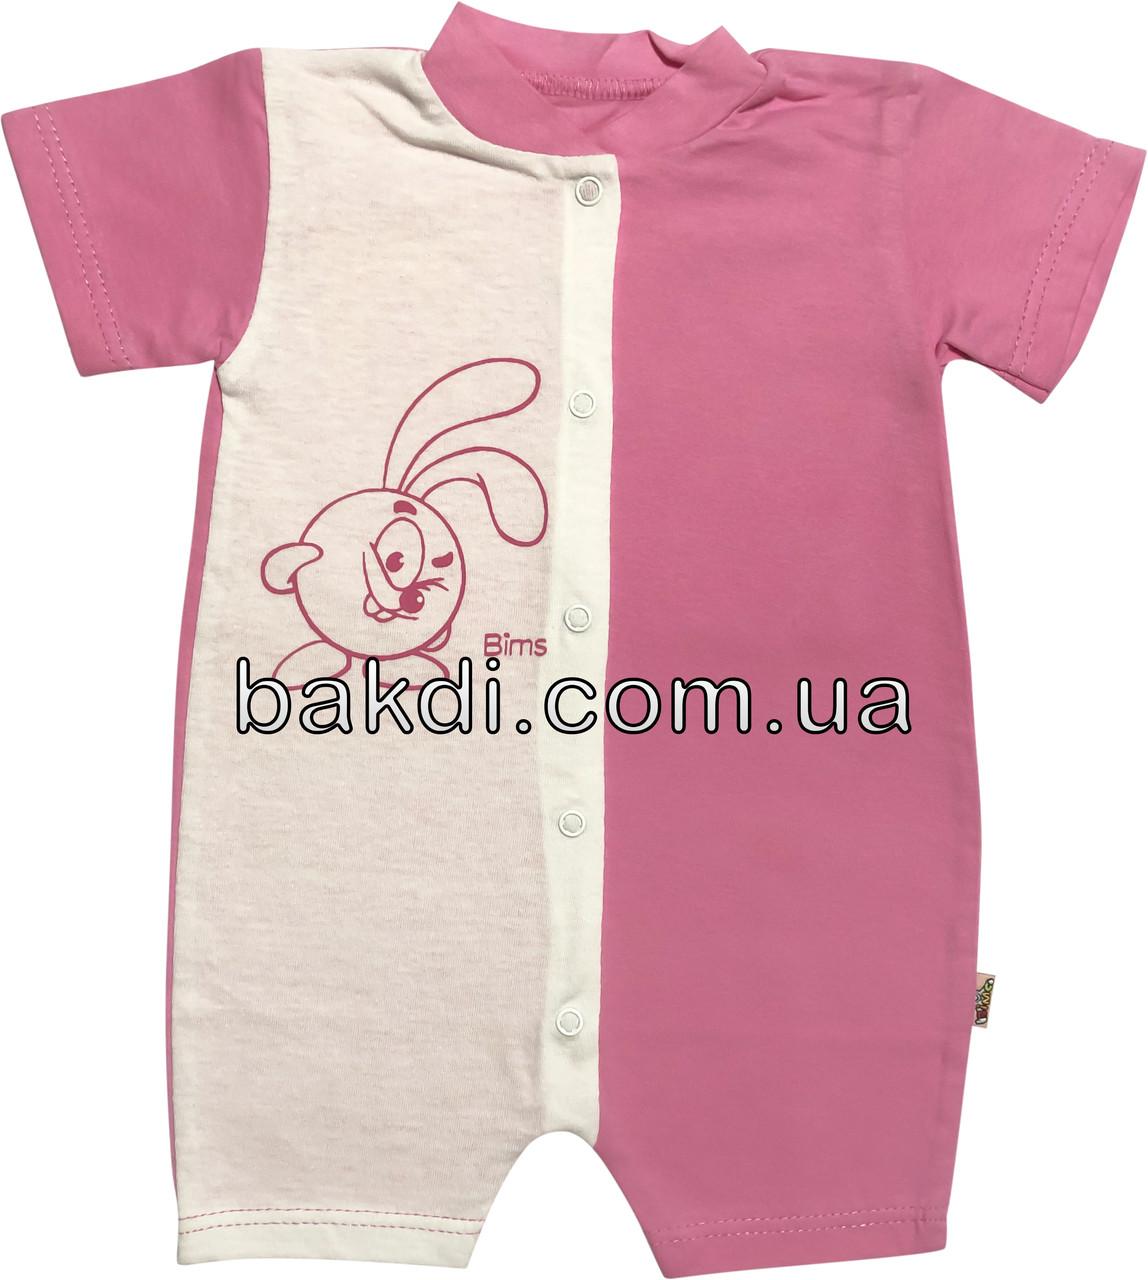 Дитячий літній тонкий пісочник зростання 62 2-3 міс бавовна кулір рожевий на дівчинку ромпер літо для